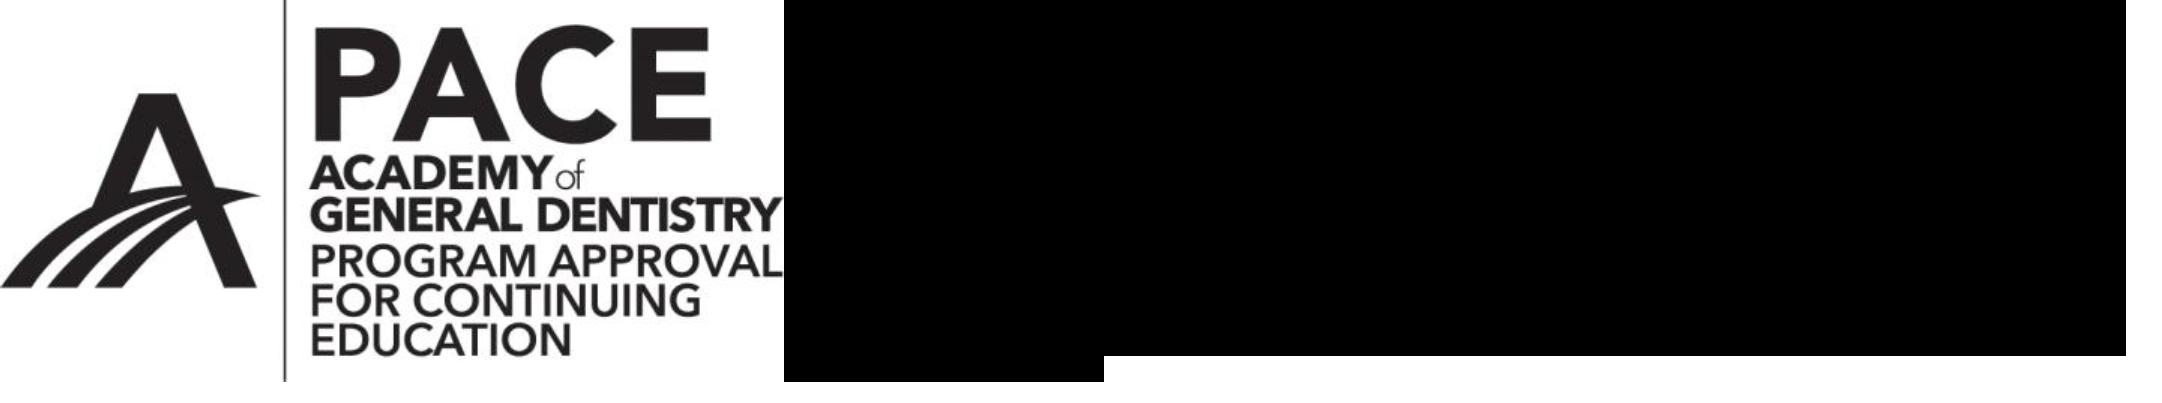 PACE DV Logo Publicity